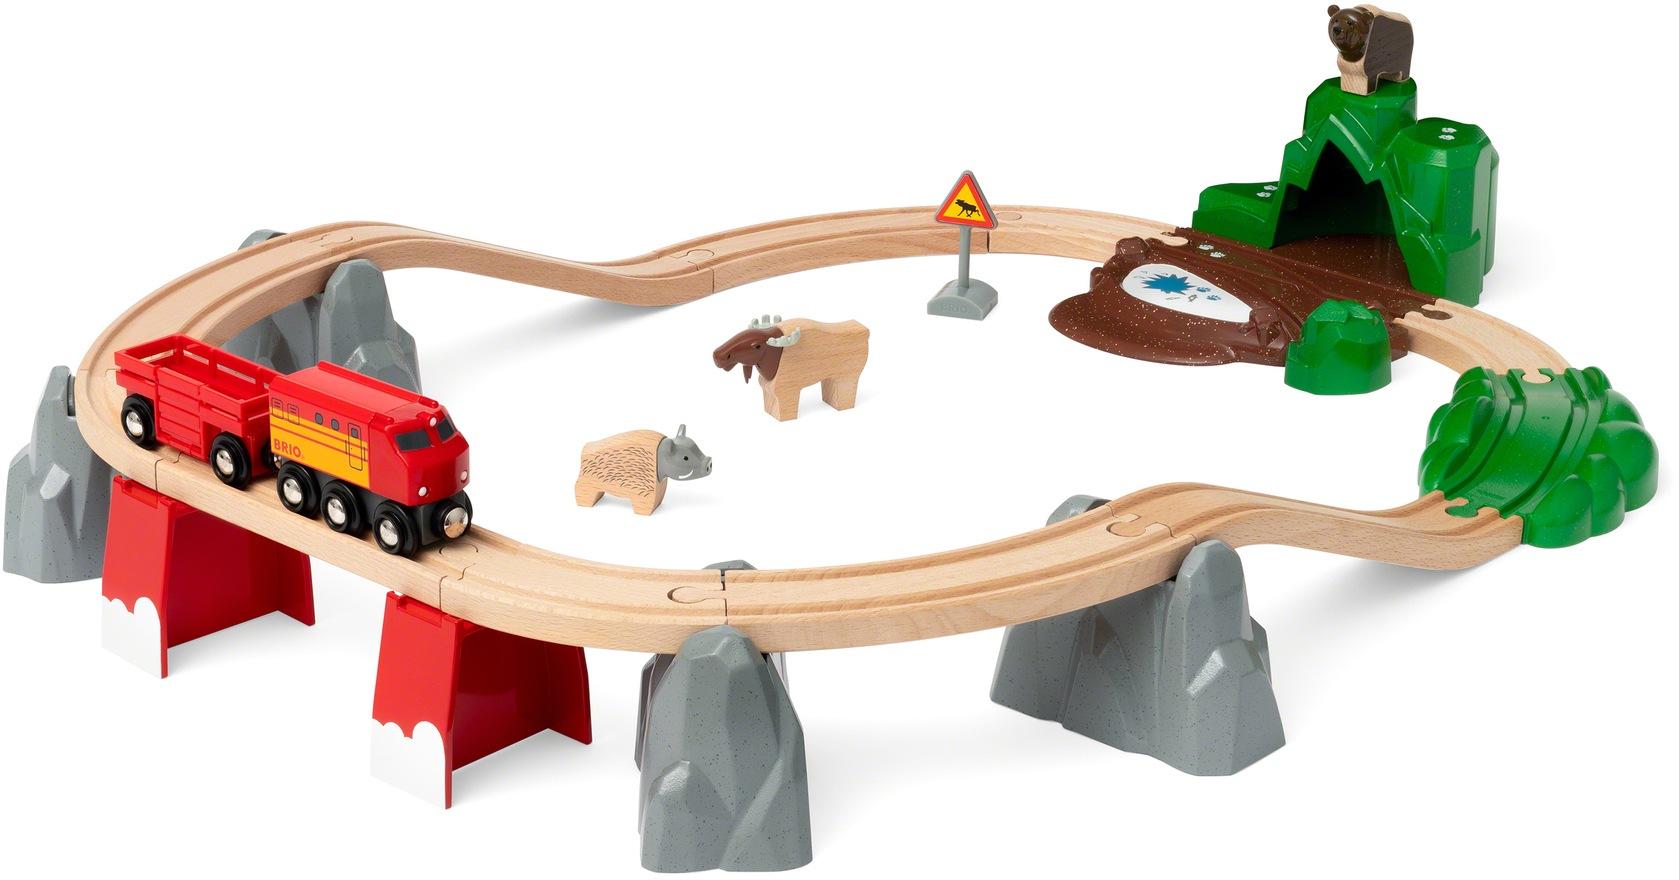 BRIO Spielzeug-Eisenbahn Nordische Waldtiere, FSC - schützt Wald weltweit bunt Kinder Kindereisenbahnen Autos, Eisenbahn Modellbau